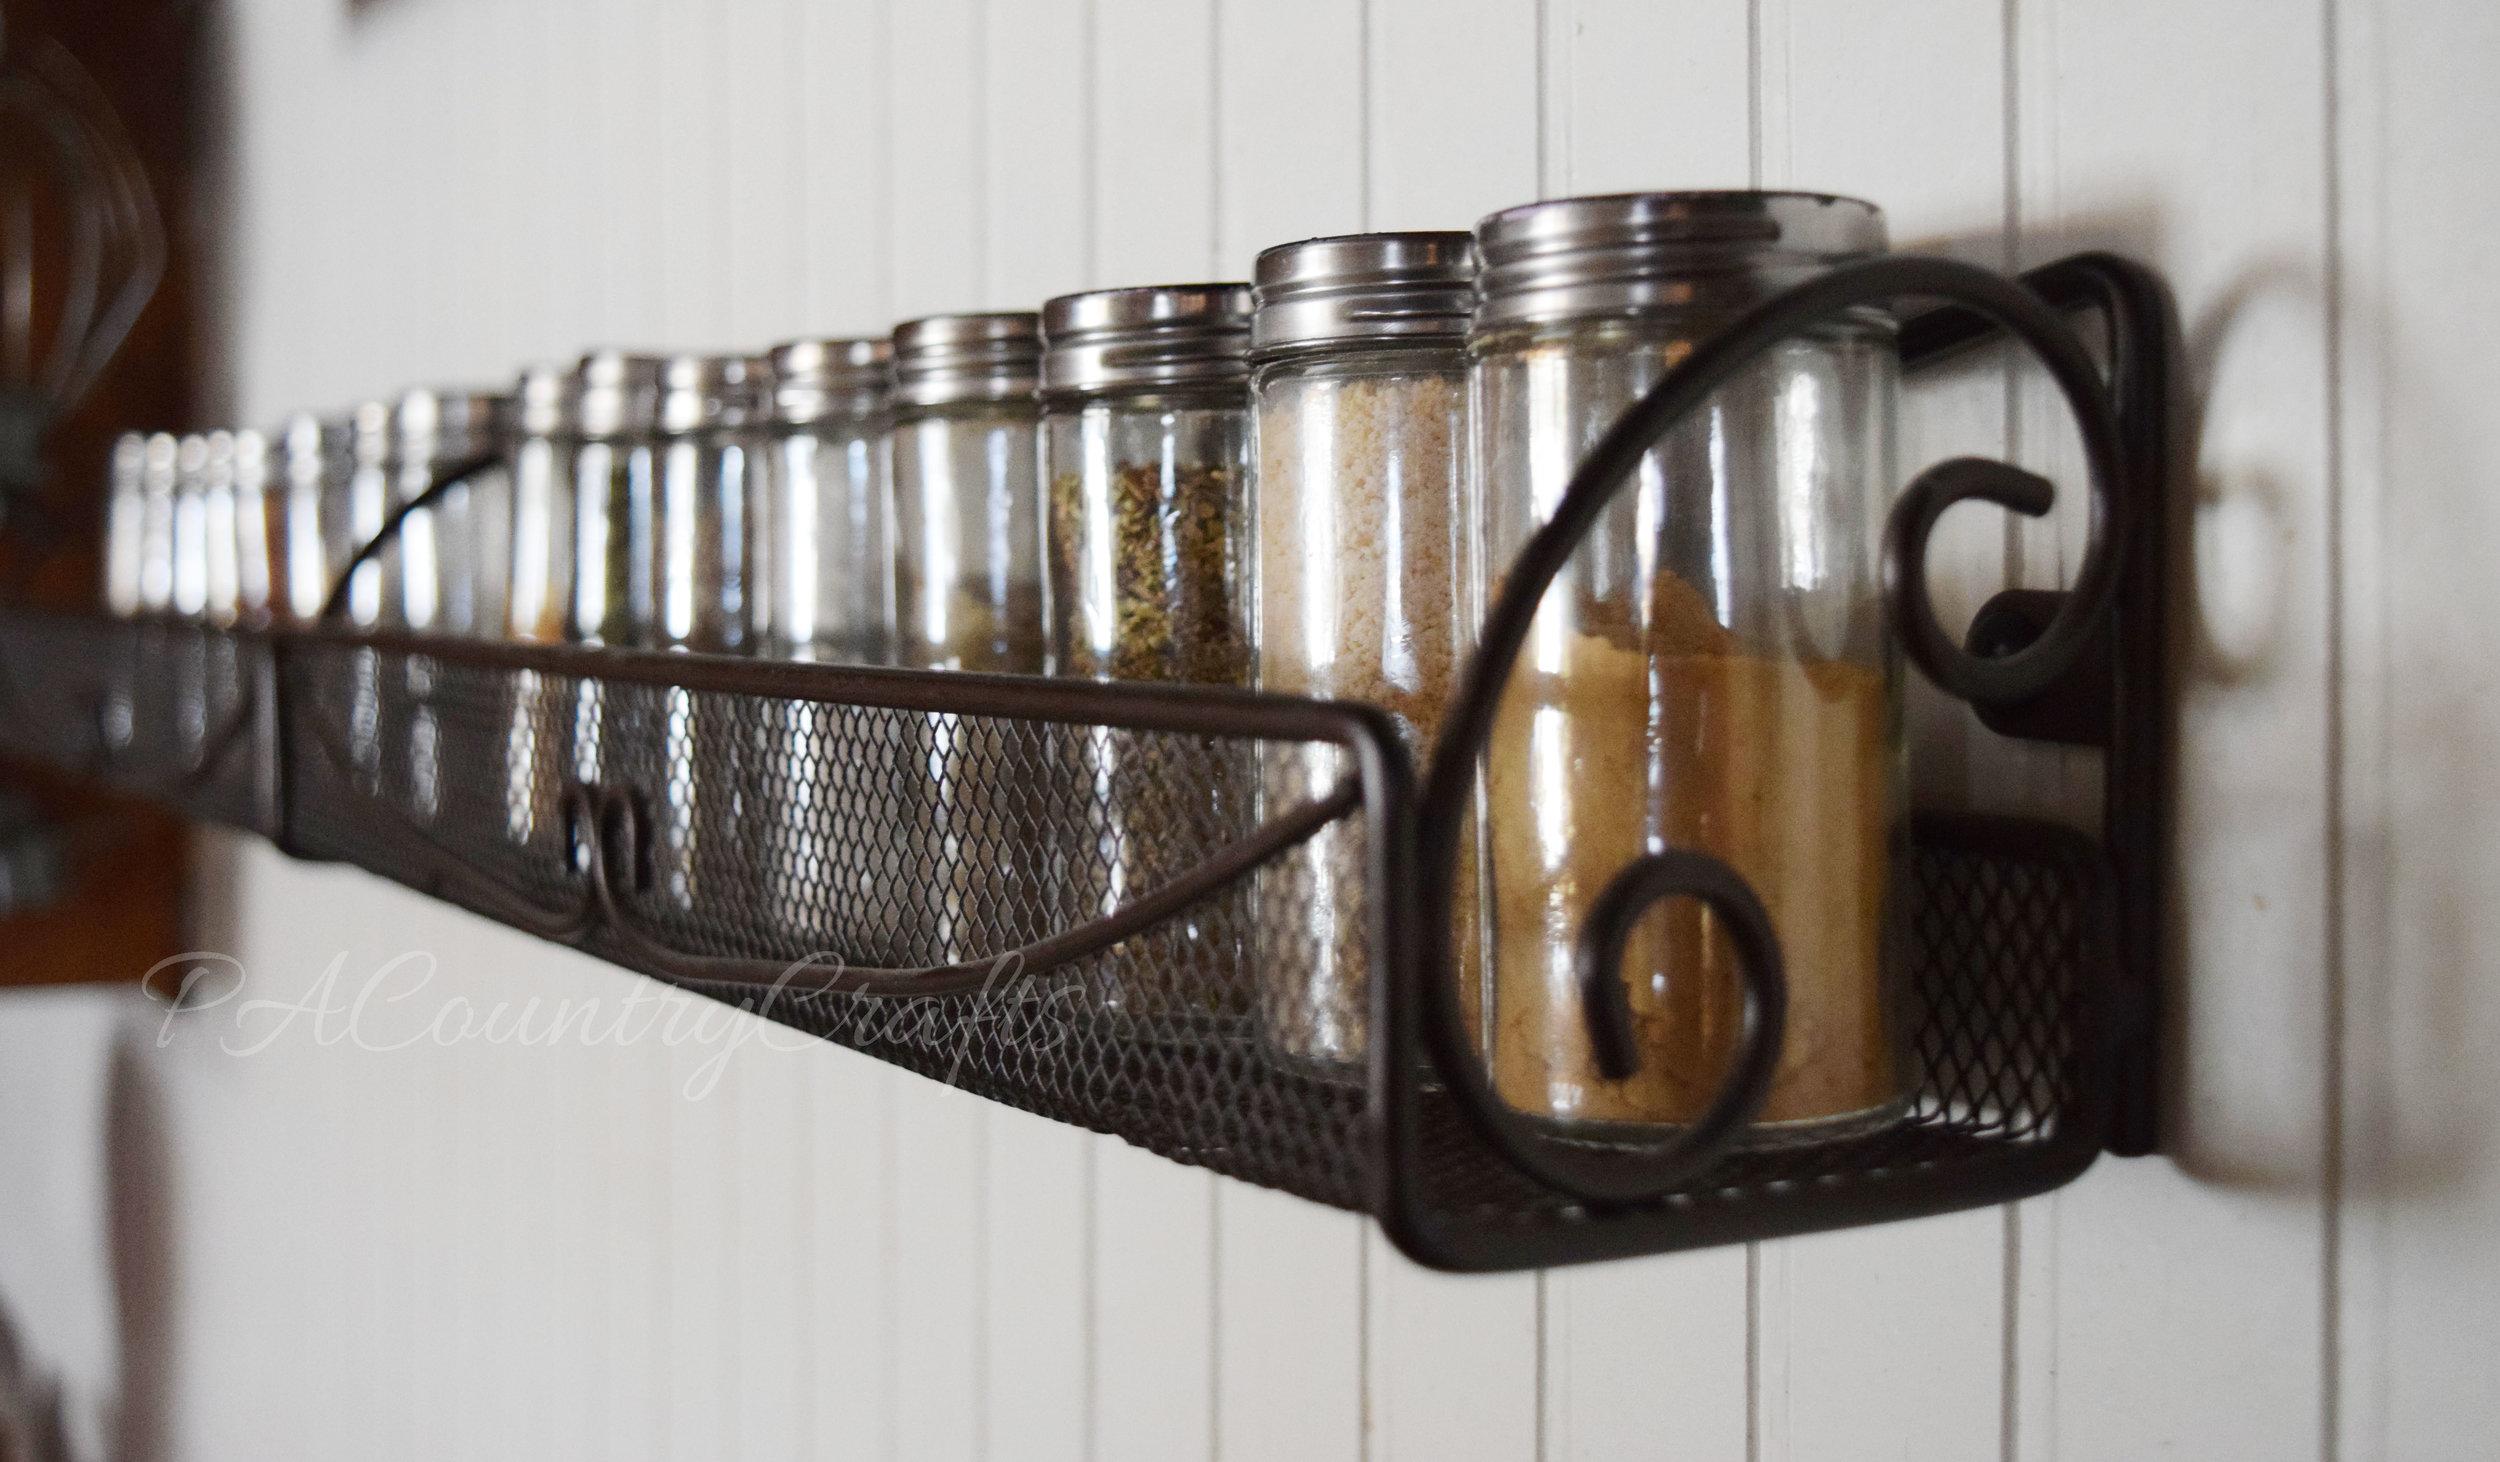 spice rack bottles